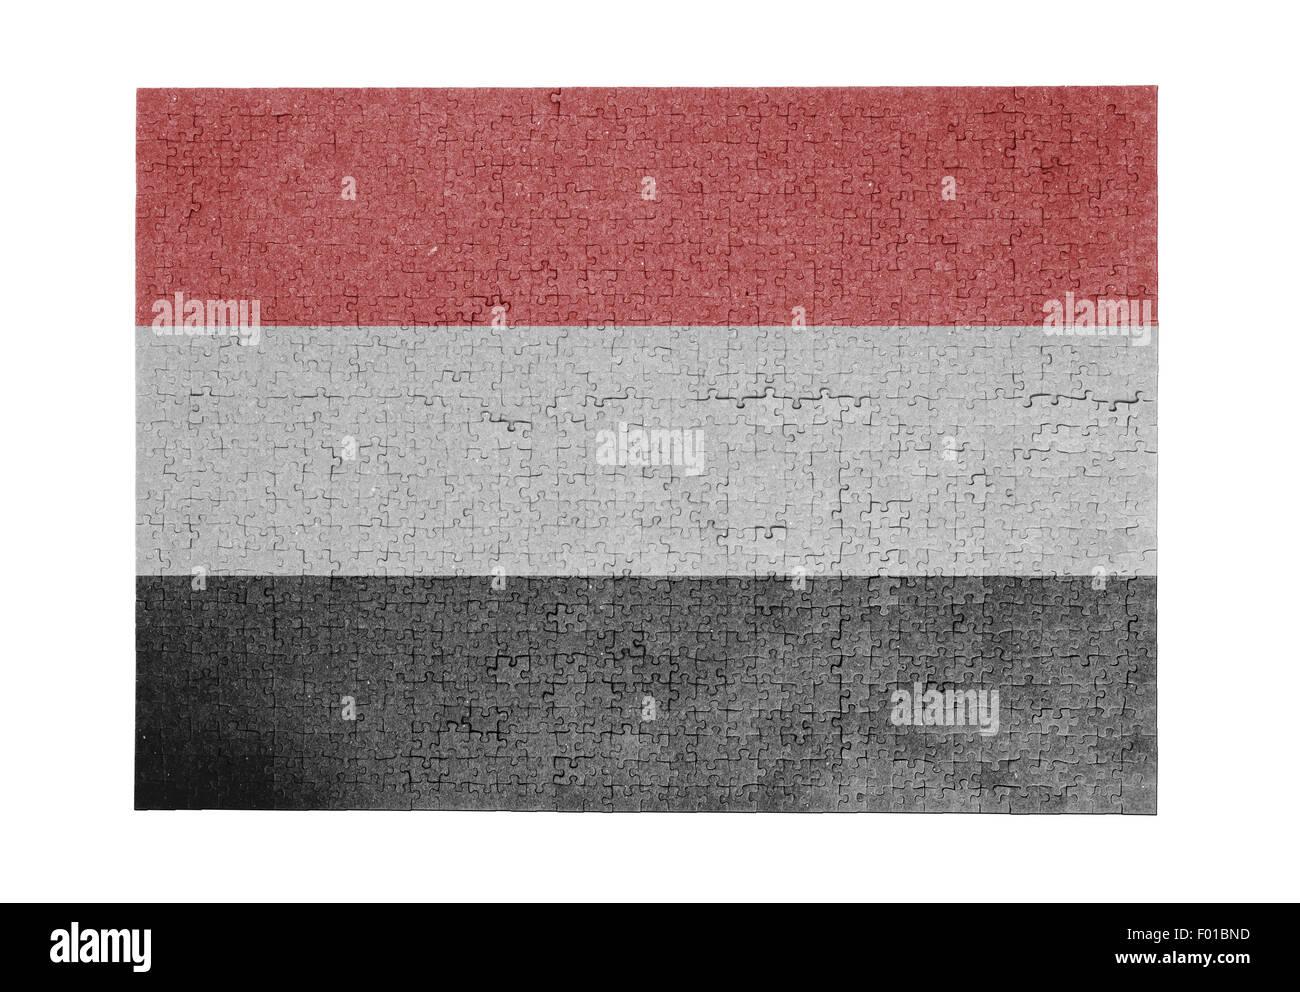 Large jigsaw puzzle of 1000 pieces - flag - Yemen Stock Photo